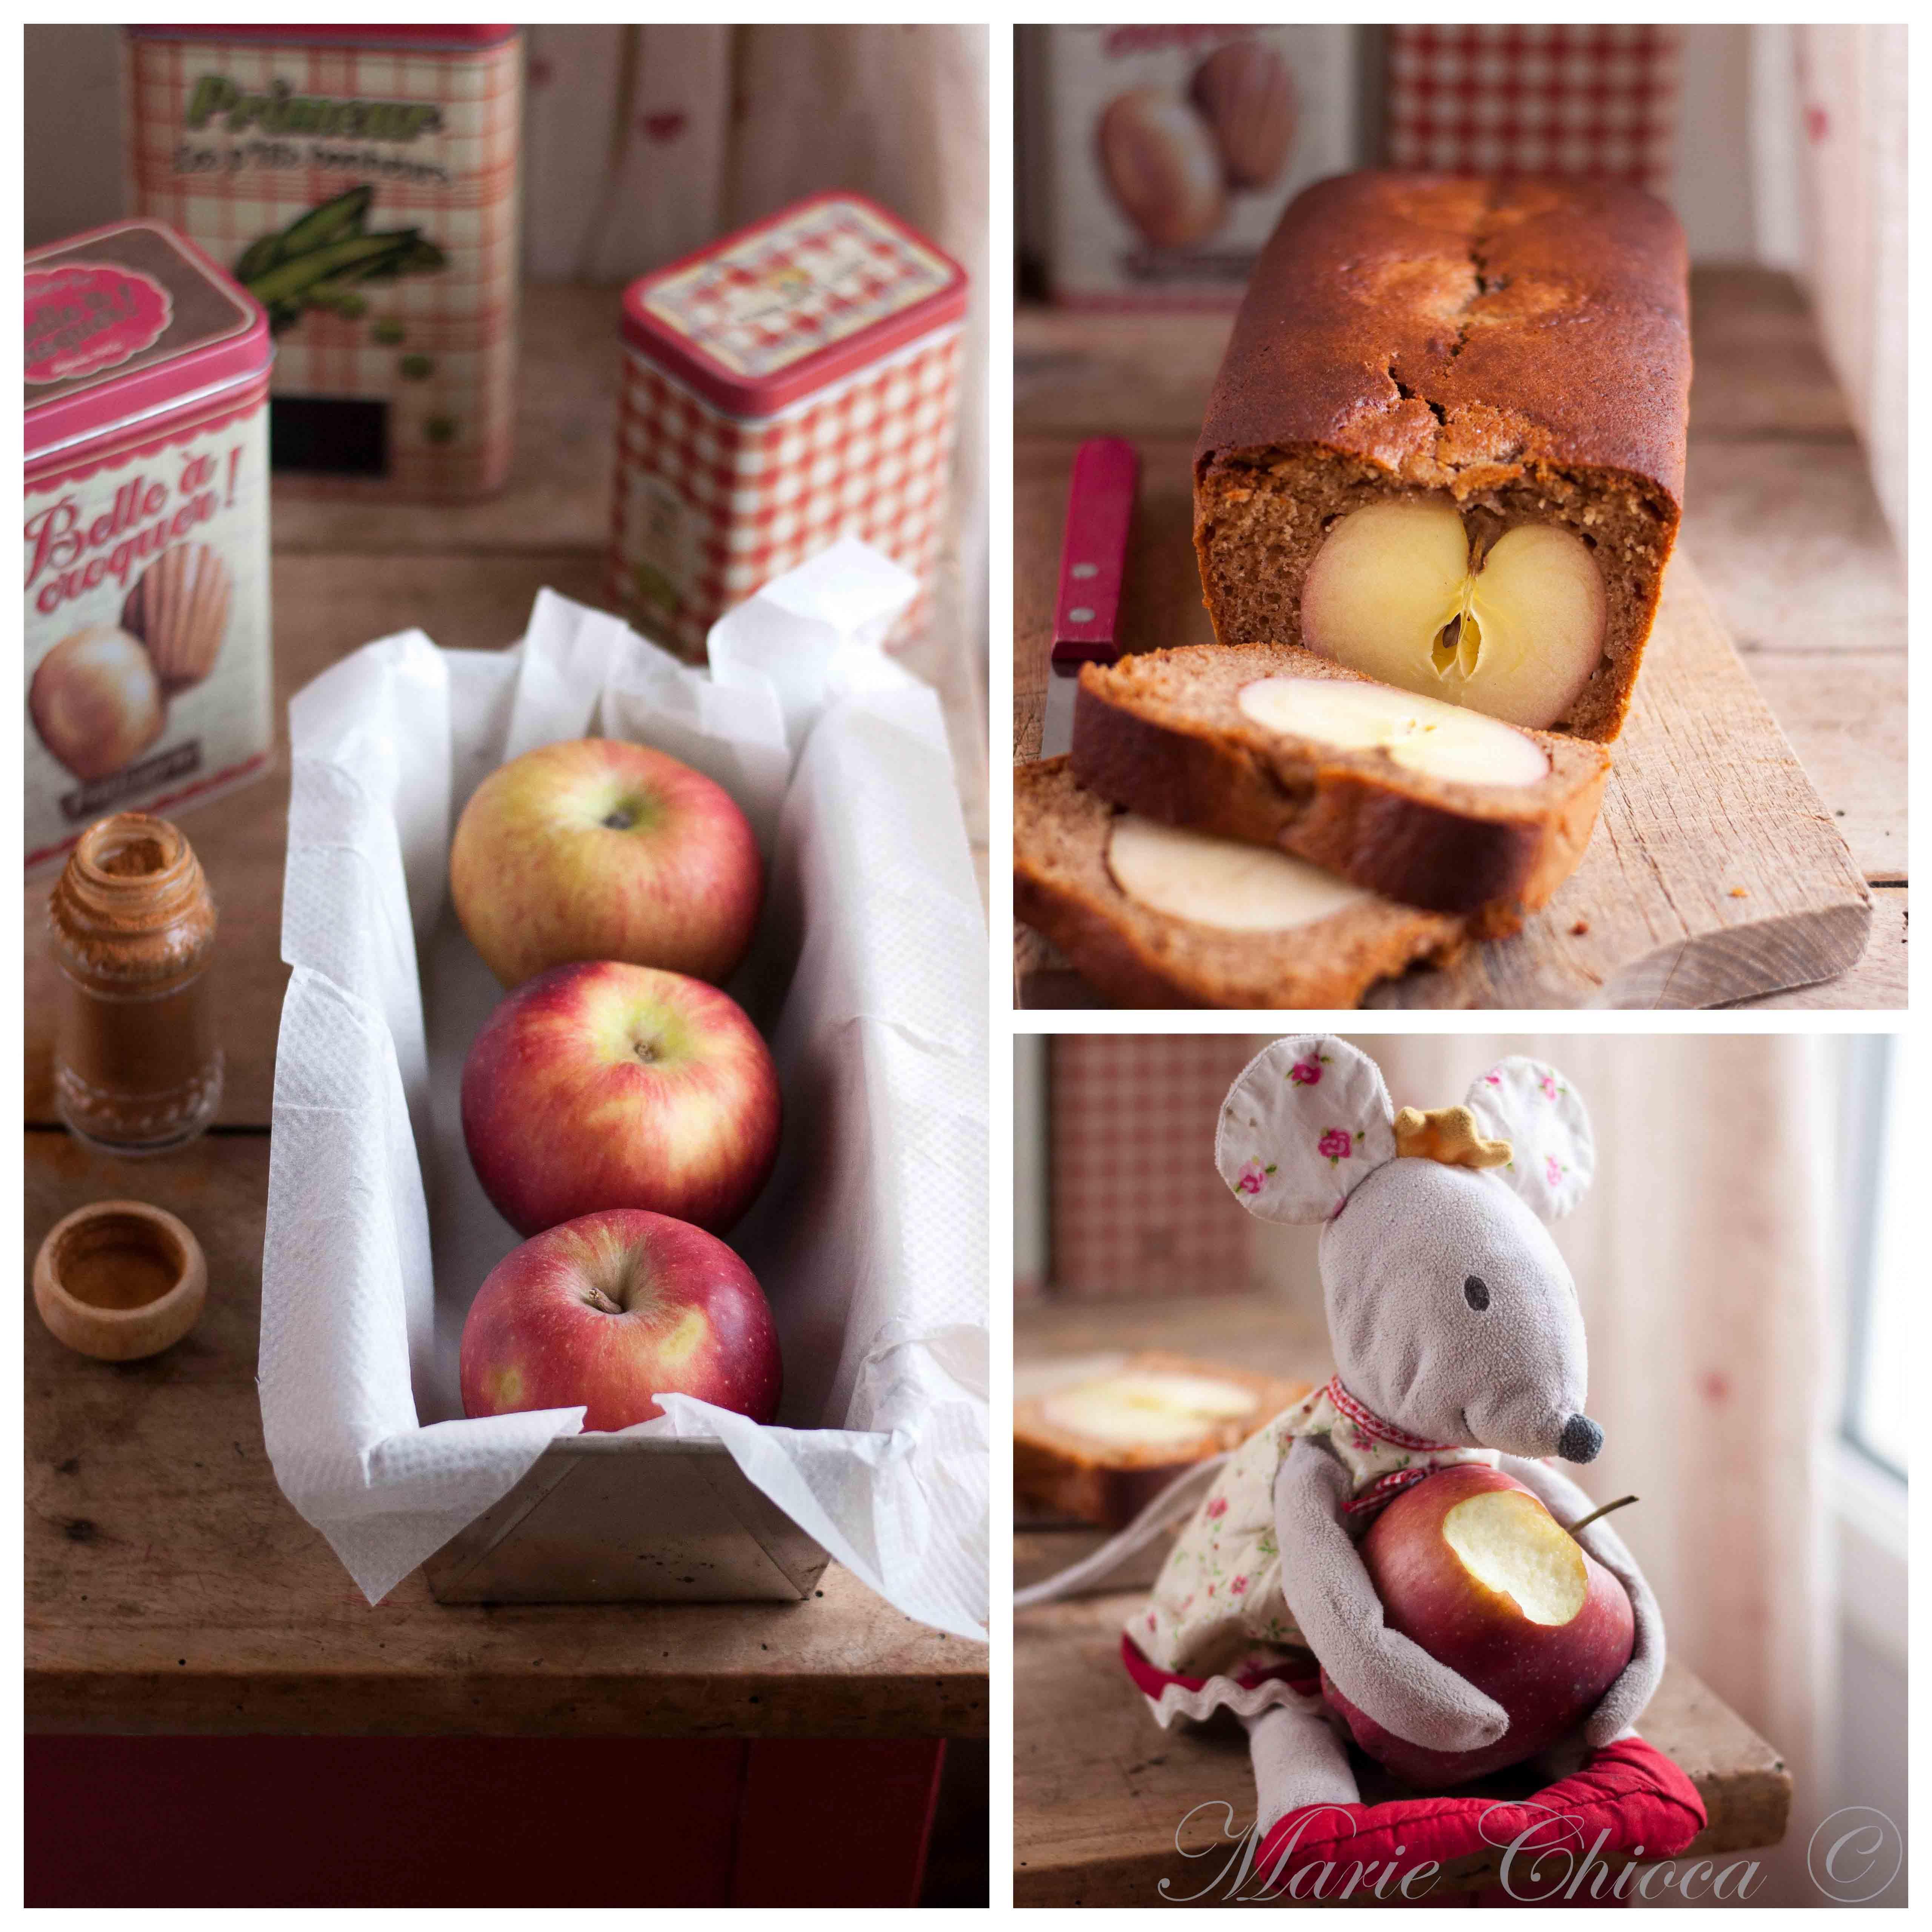 16-pain-d-epices-3-pommes-montage3-2